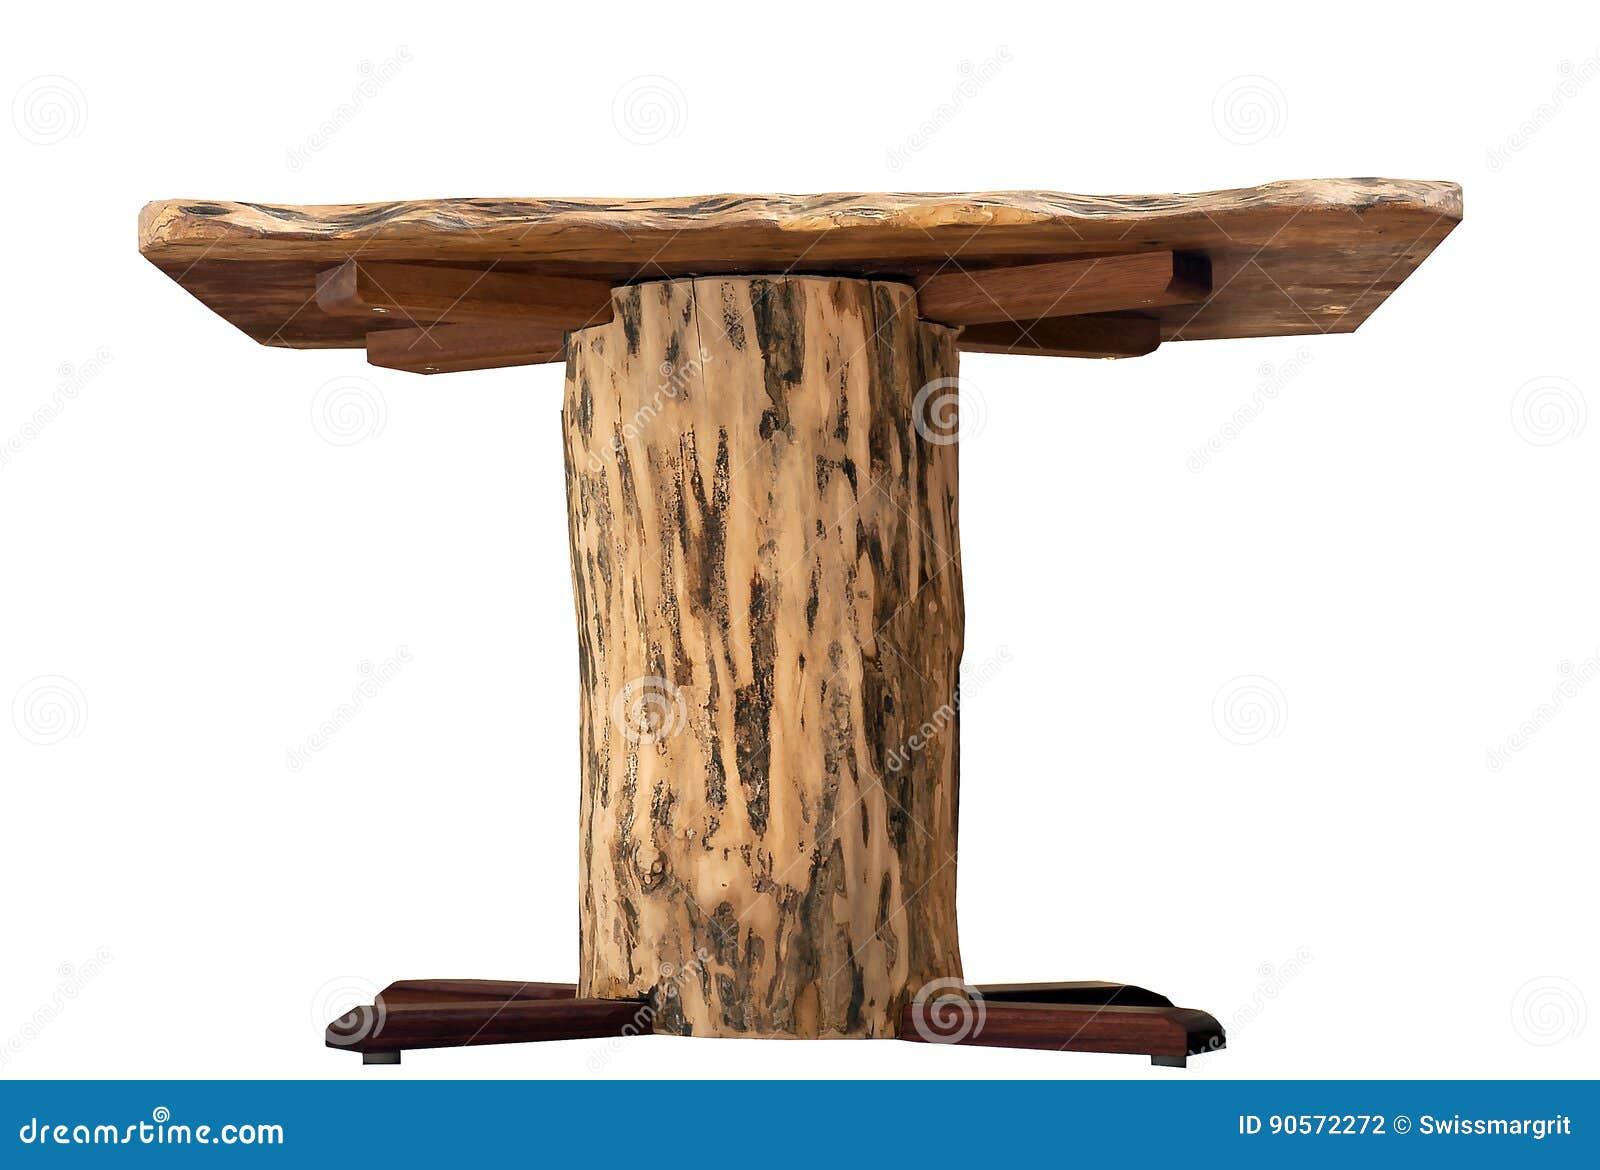 Tavolini Da Salotto In Legno Rustico.Tavolino Da Salotto Di Legno Rustico Fatto A Mano Fotografia